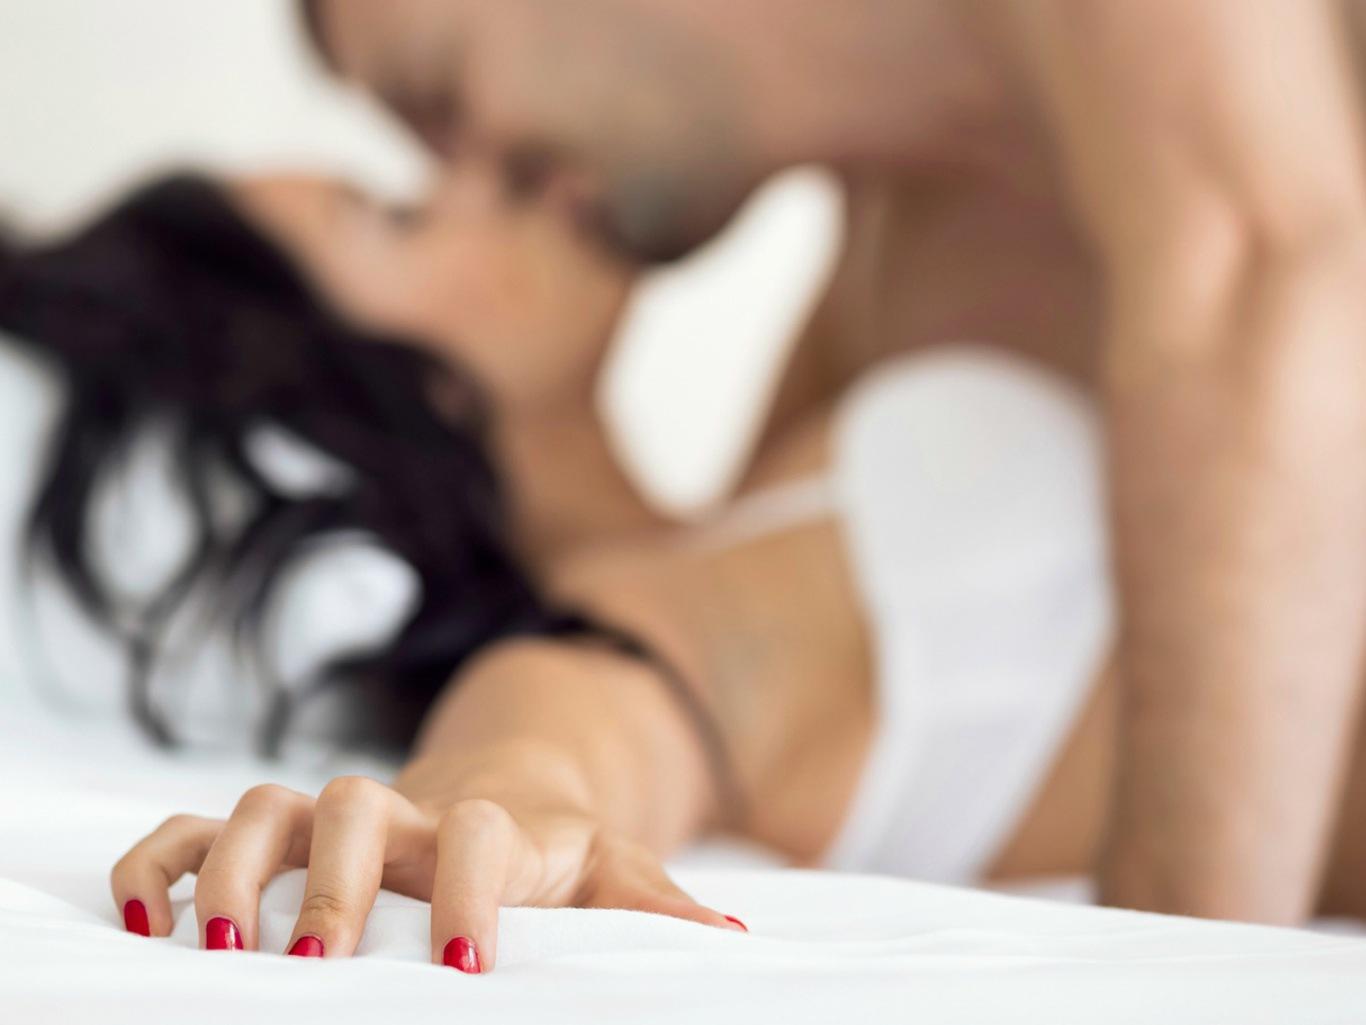 Как разнообразить интимную жизнь с постоянной партнёршей